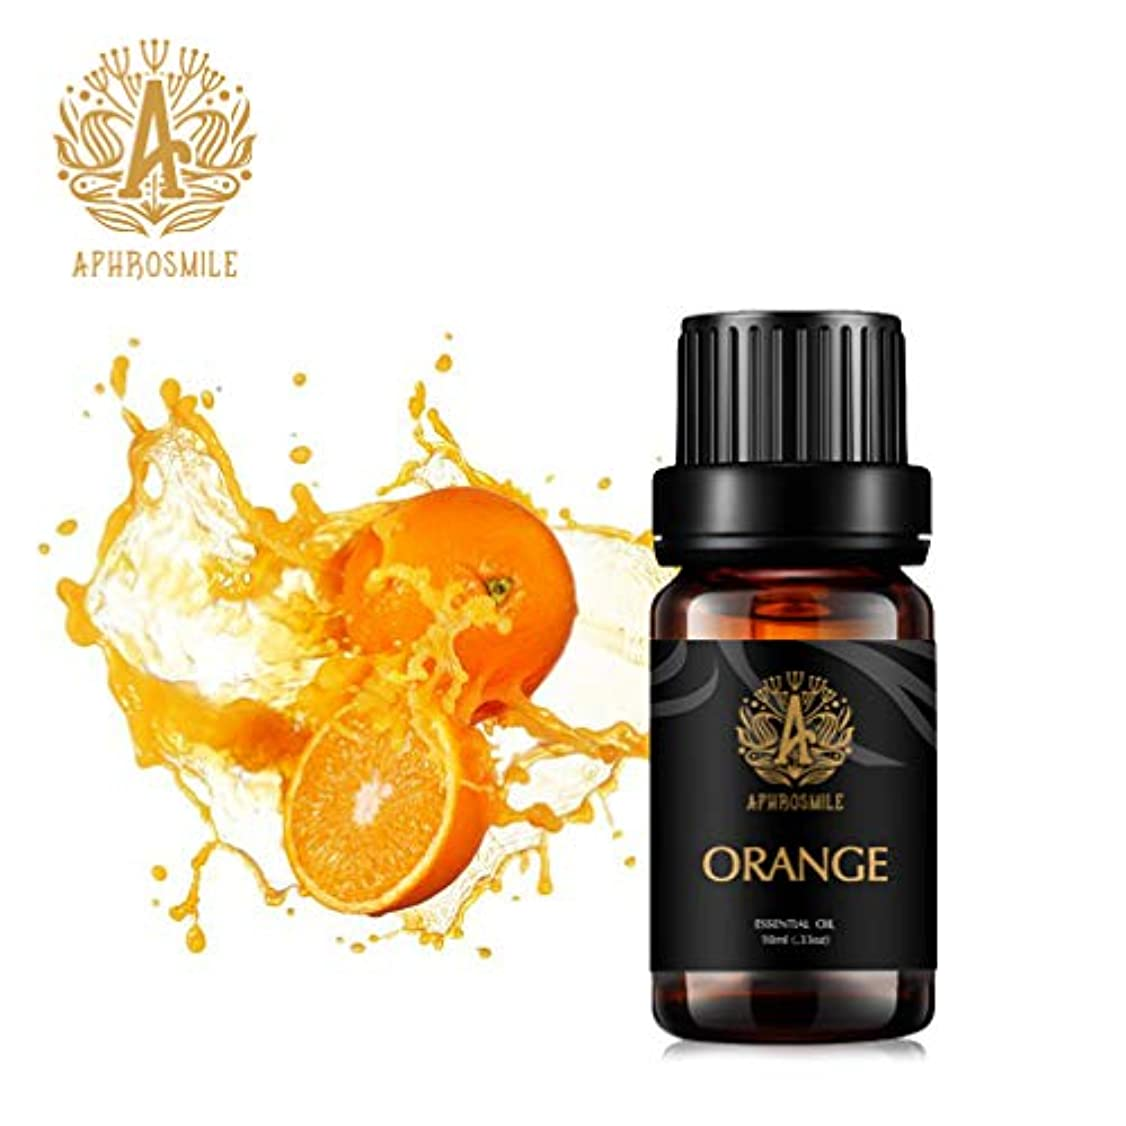 コミットメント貨物ガードオレンジエッセンシャルオイル、100%ピュアアロマエッセンシャルオイルオレンジ香り、怒りを和らげる、治療用グレードエッセンシャルオイルオレンジの香り、為にディフューザー、マッサージ、加湿器、デイリーケア、0.33オンス-...